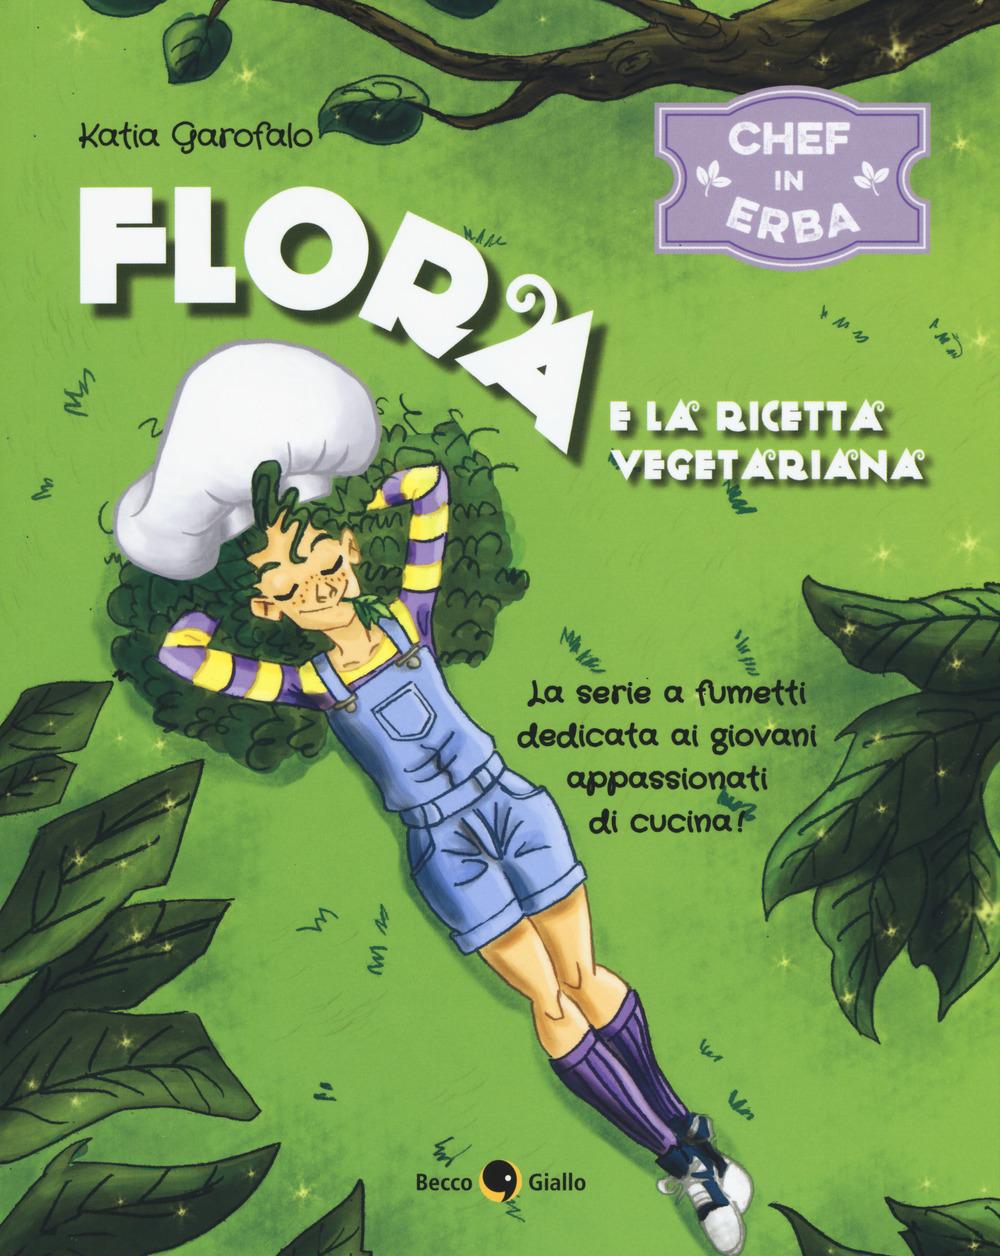 Flora e la ricetta vegetariana. Chef in erba. Vol. 1